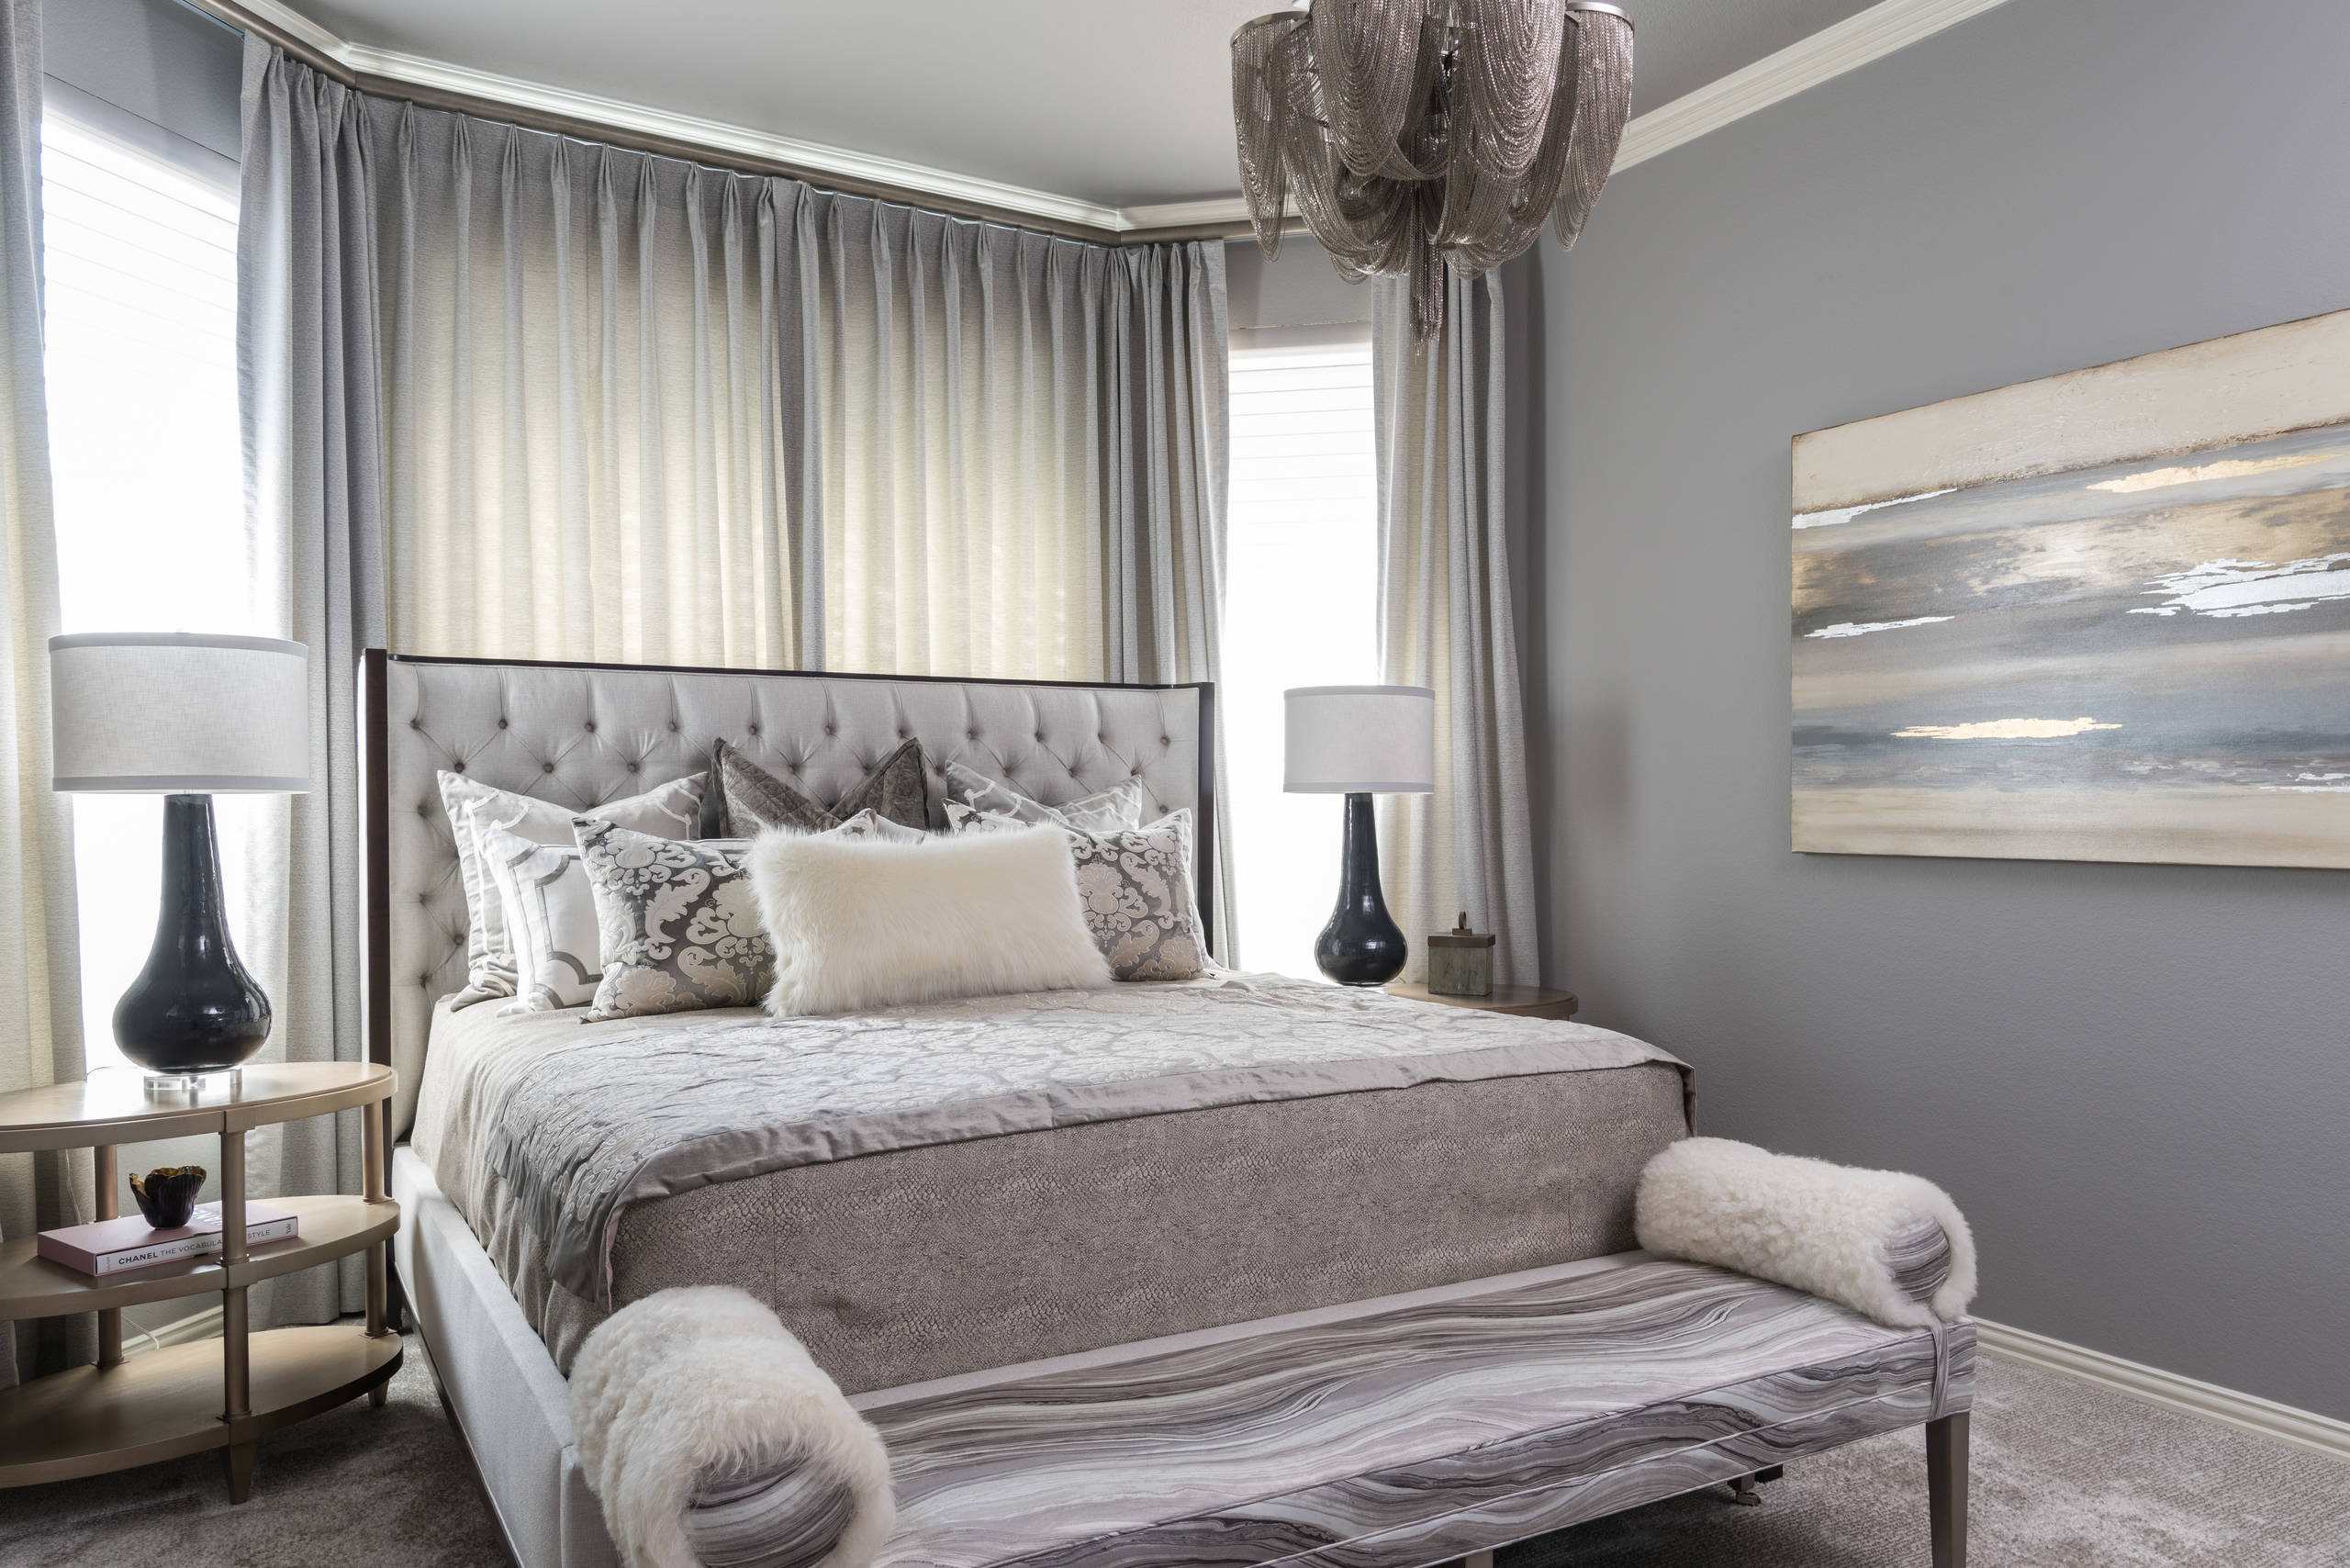 bedroom color scheme interior-collection-bedroom-color-scheme-ideas ITCXUCZ